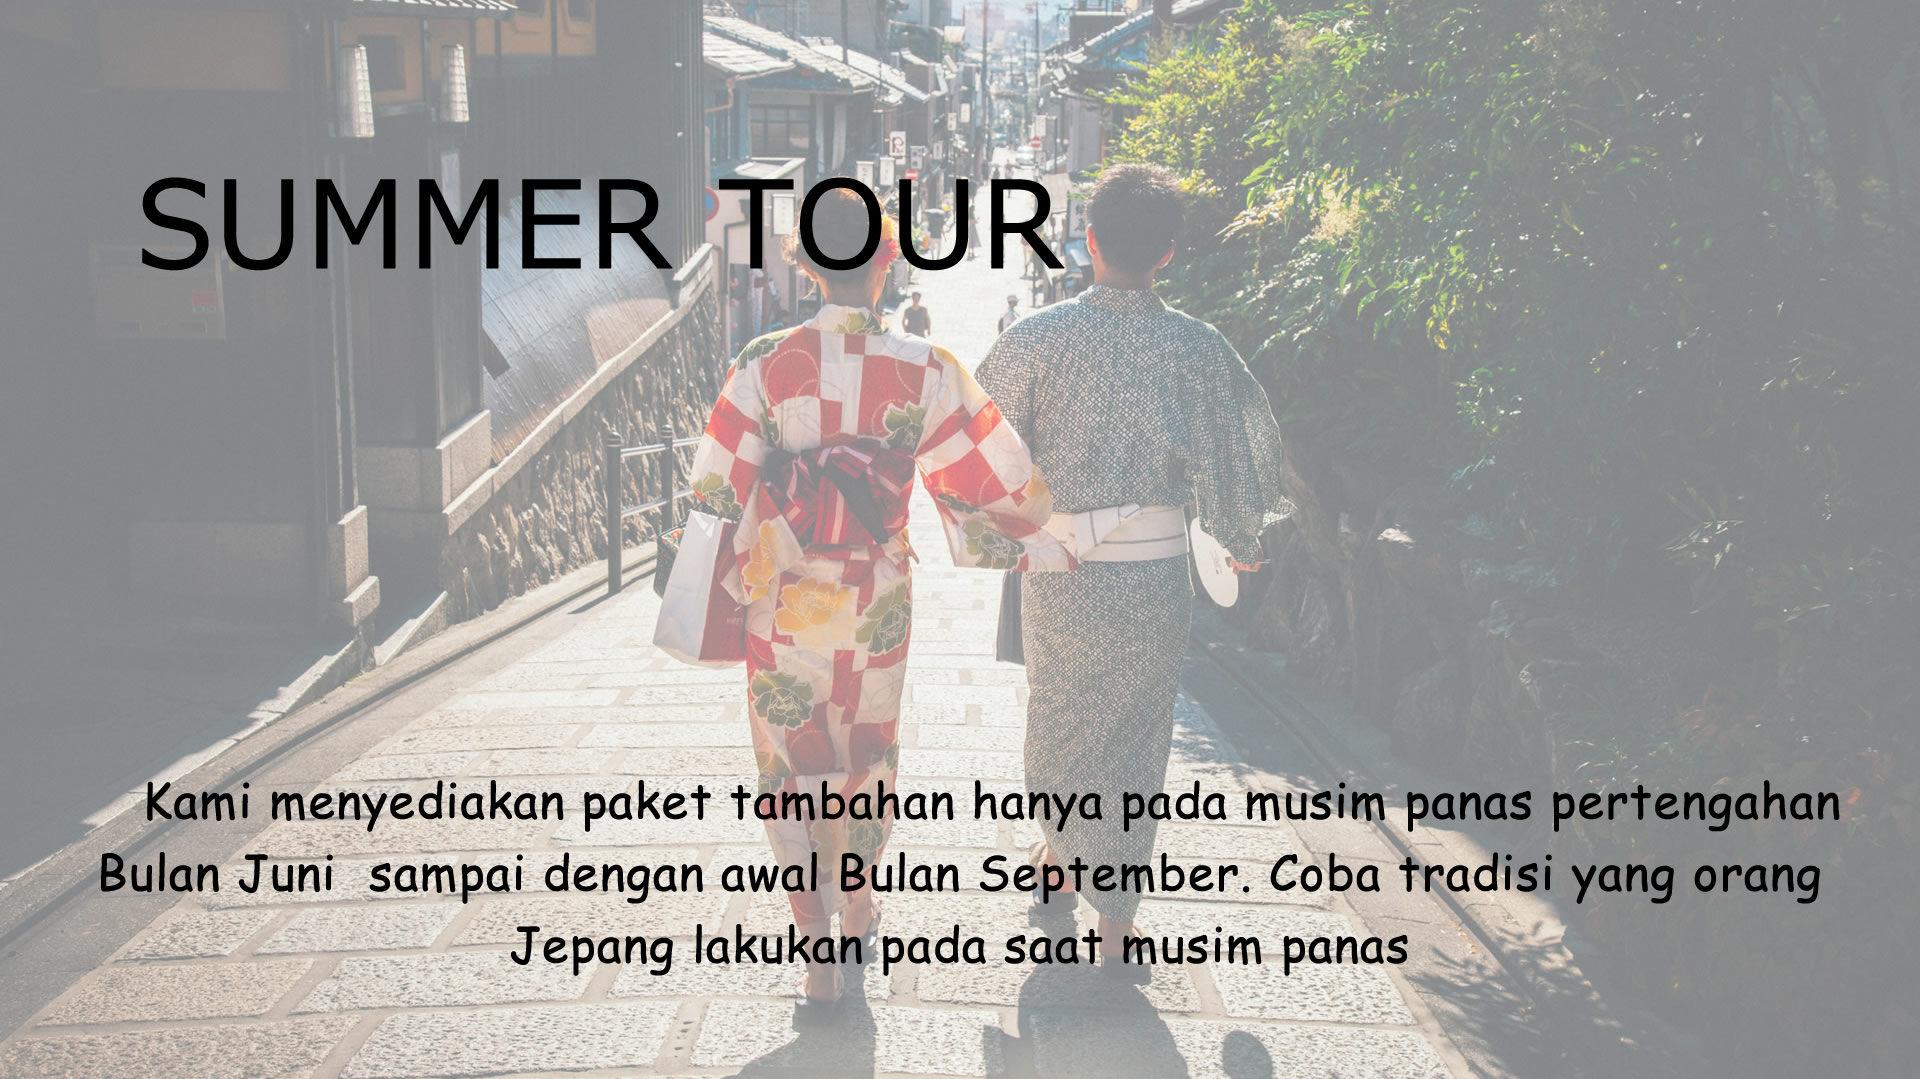 Kami menyediakan paket tambahan hanya pada musim panas pertengahan Bulan Juni  sampai dengan awal Bulan September. Coba tradisi yang orang Jepang lakukan pada saat musim panas